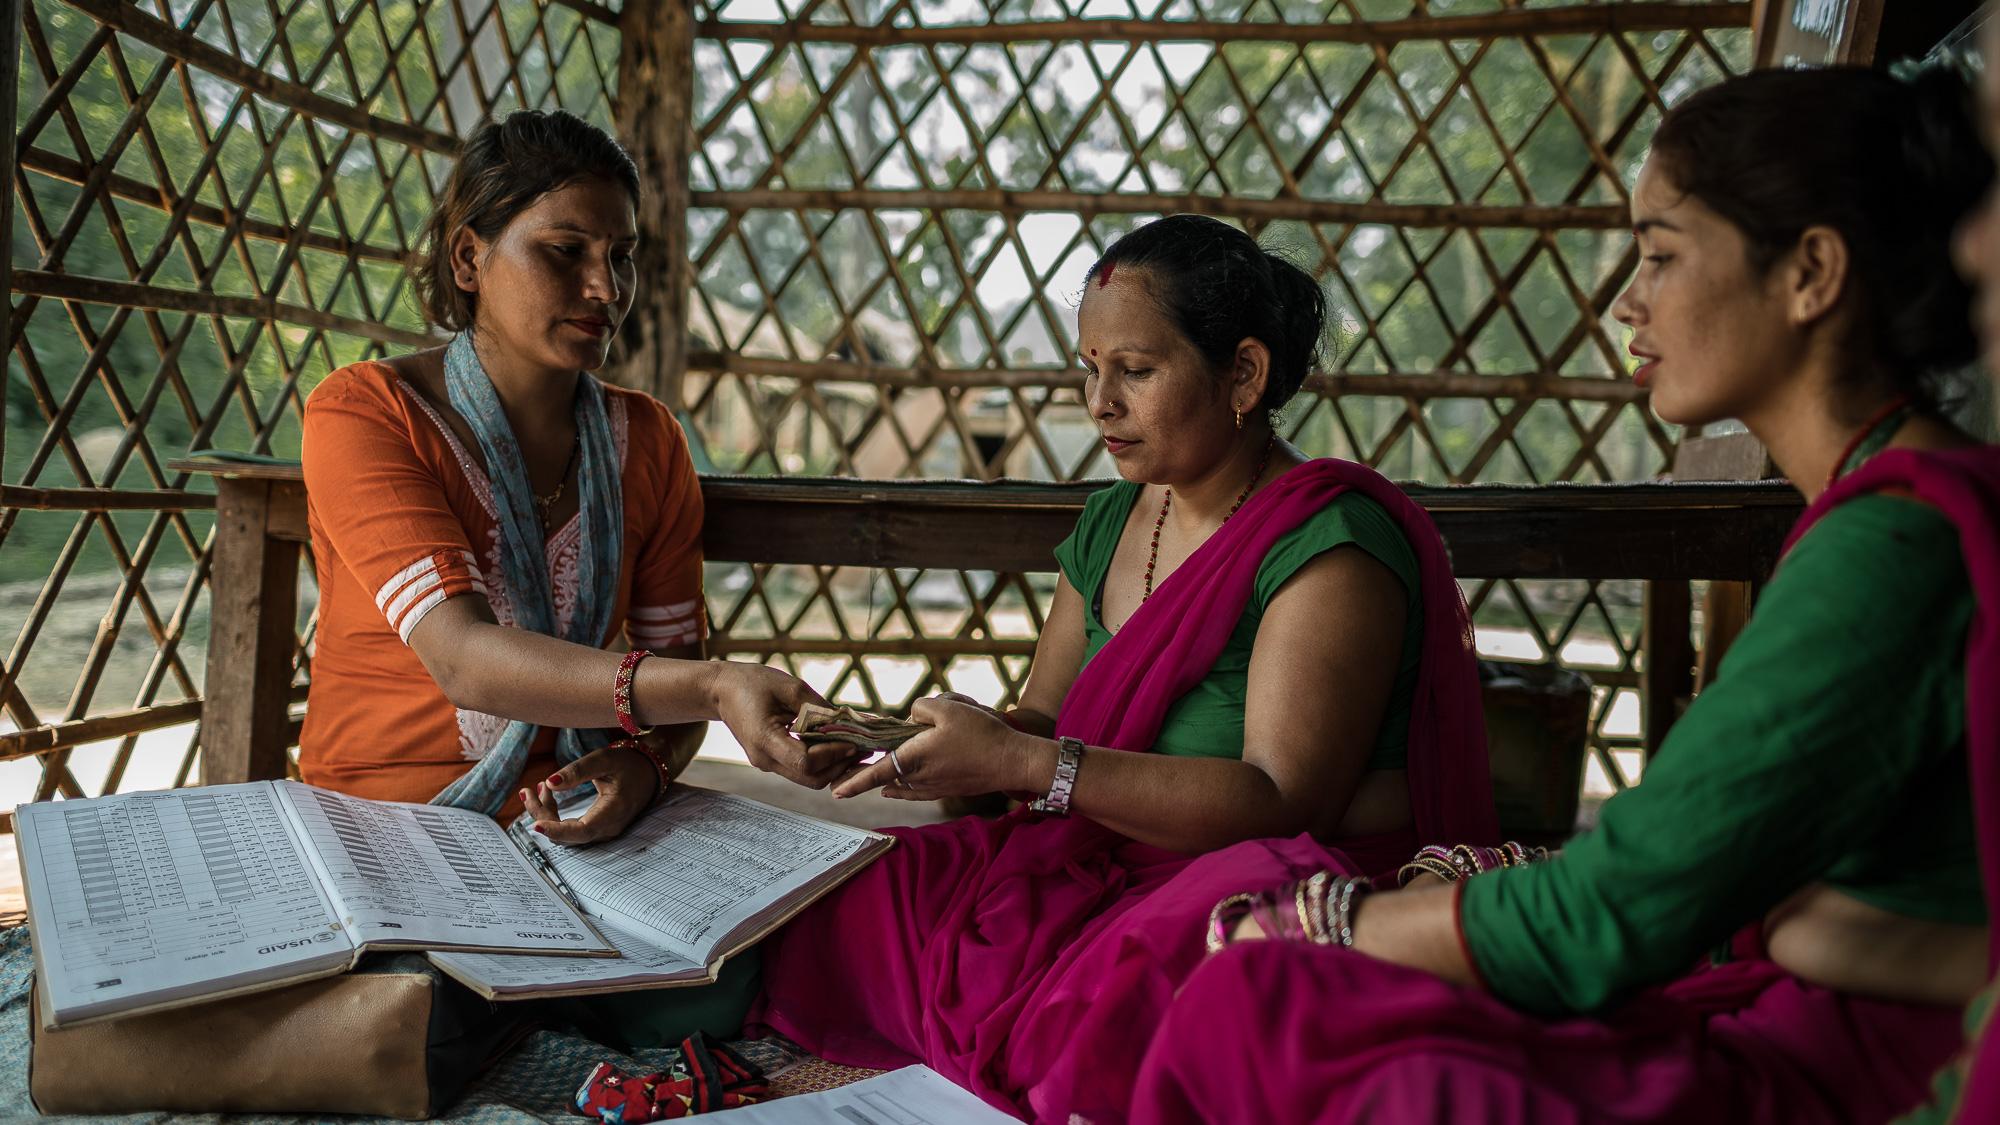 170906-Nepal-Wingard-0311-web.jpg